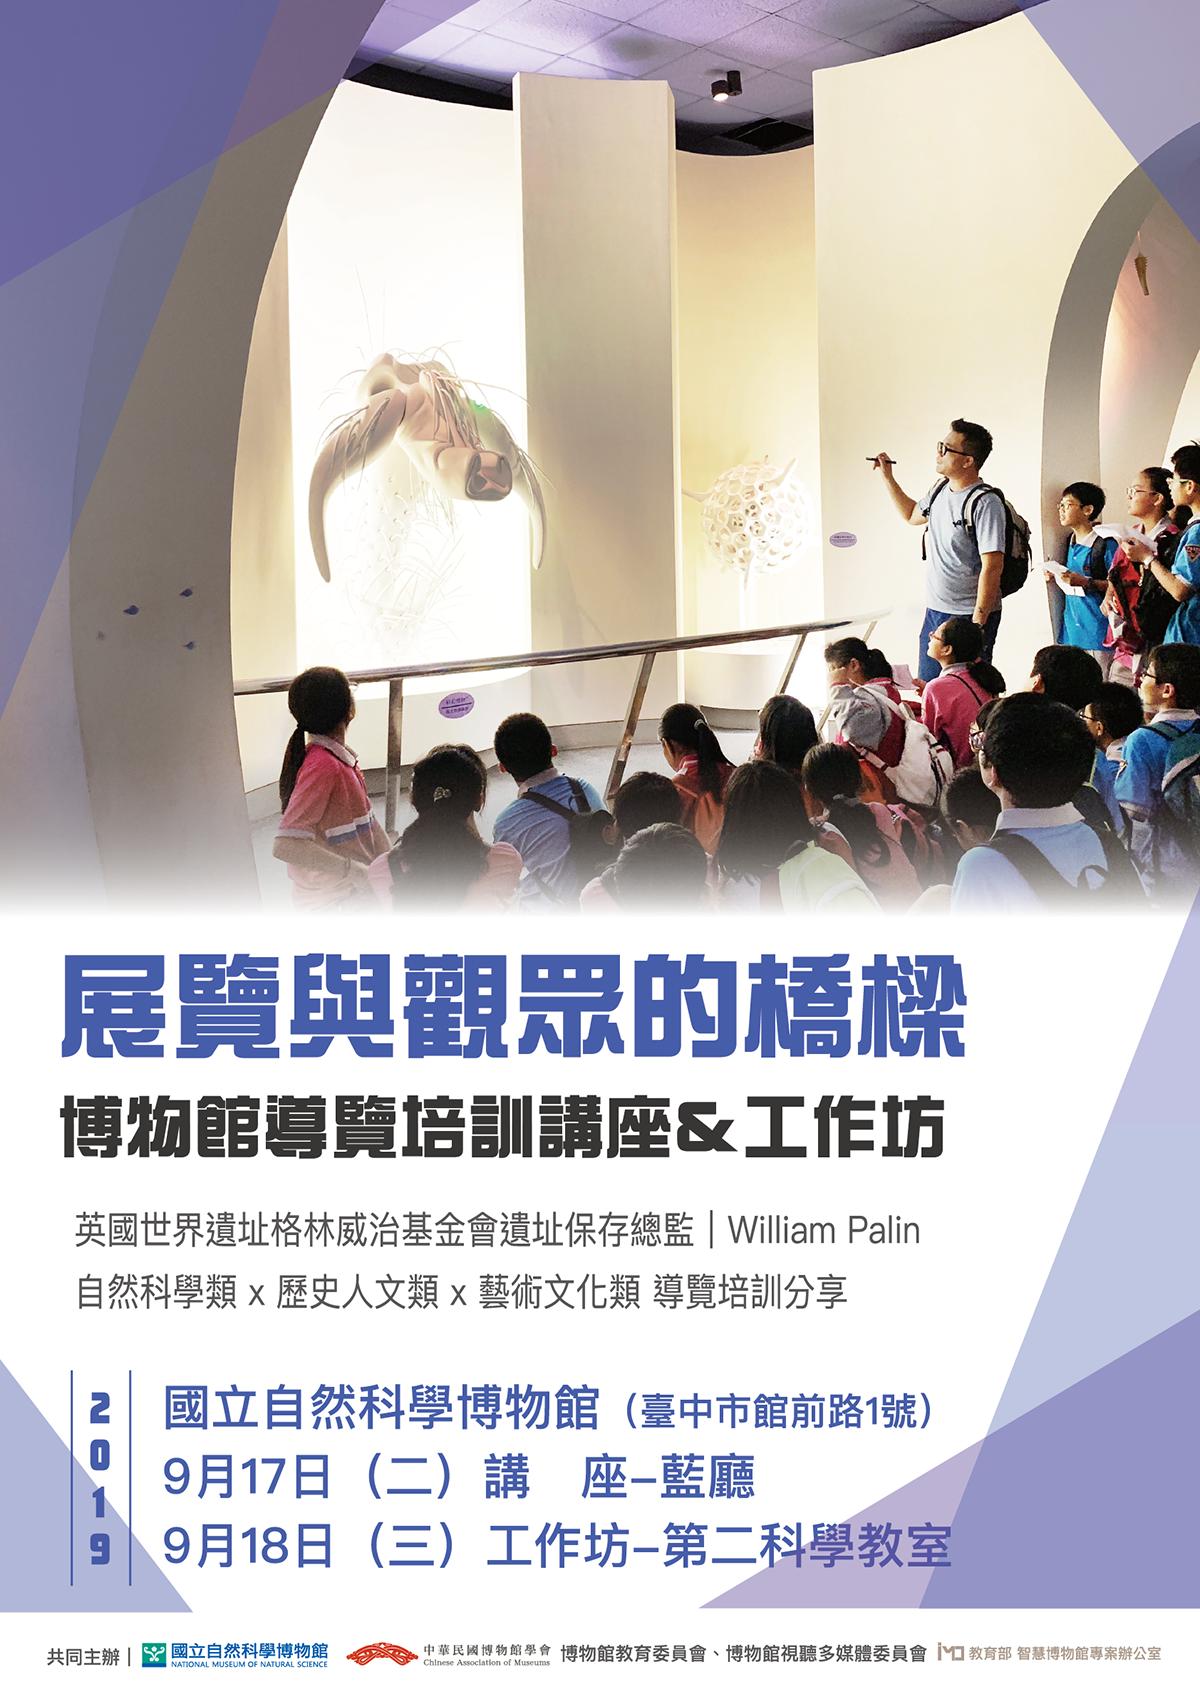 教育部智慧博物館專案辦公室:2019/09/17-2019/09/18【展覽與觀眾的橋樑—博物館導覽培訓講座&工作坊】